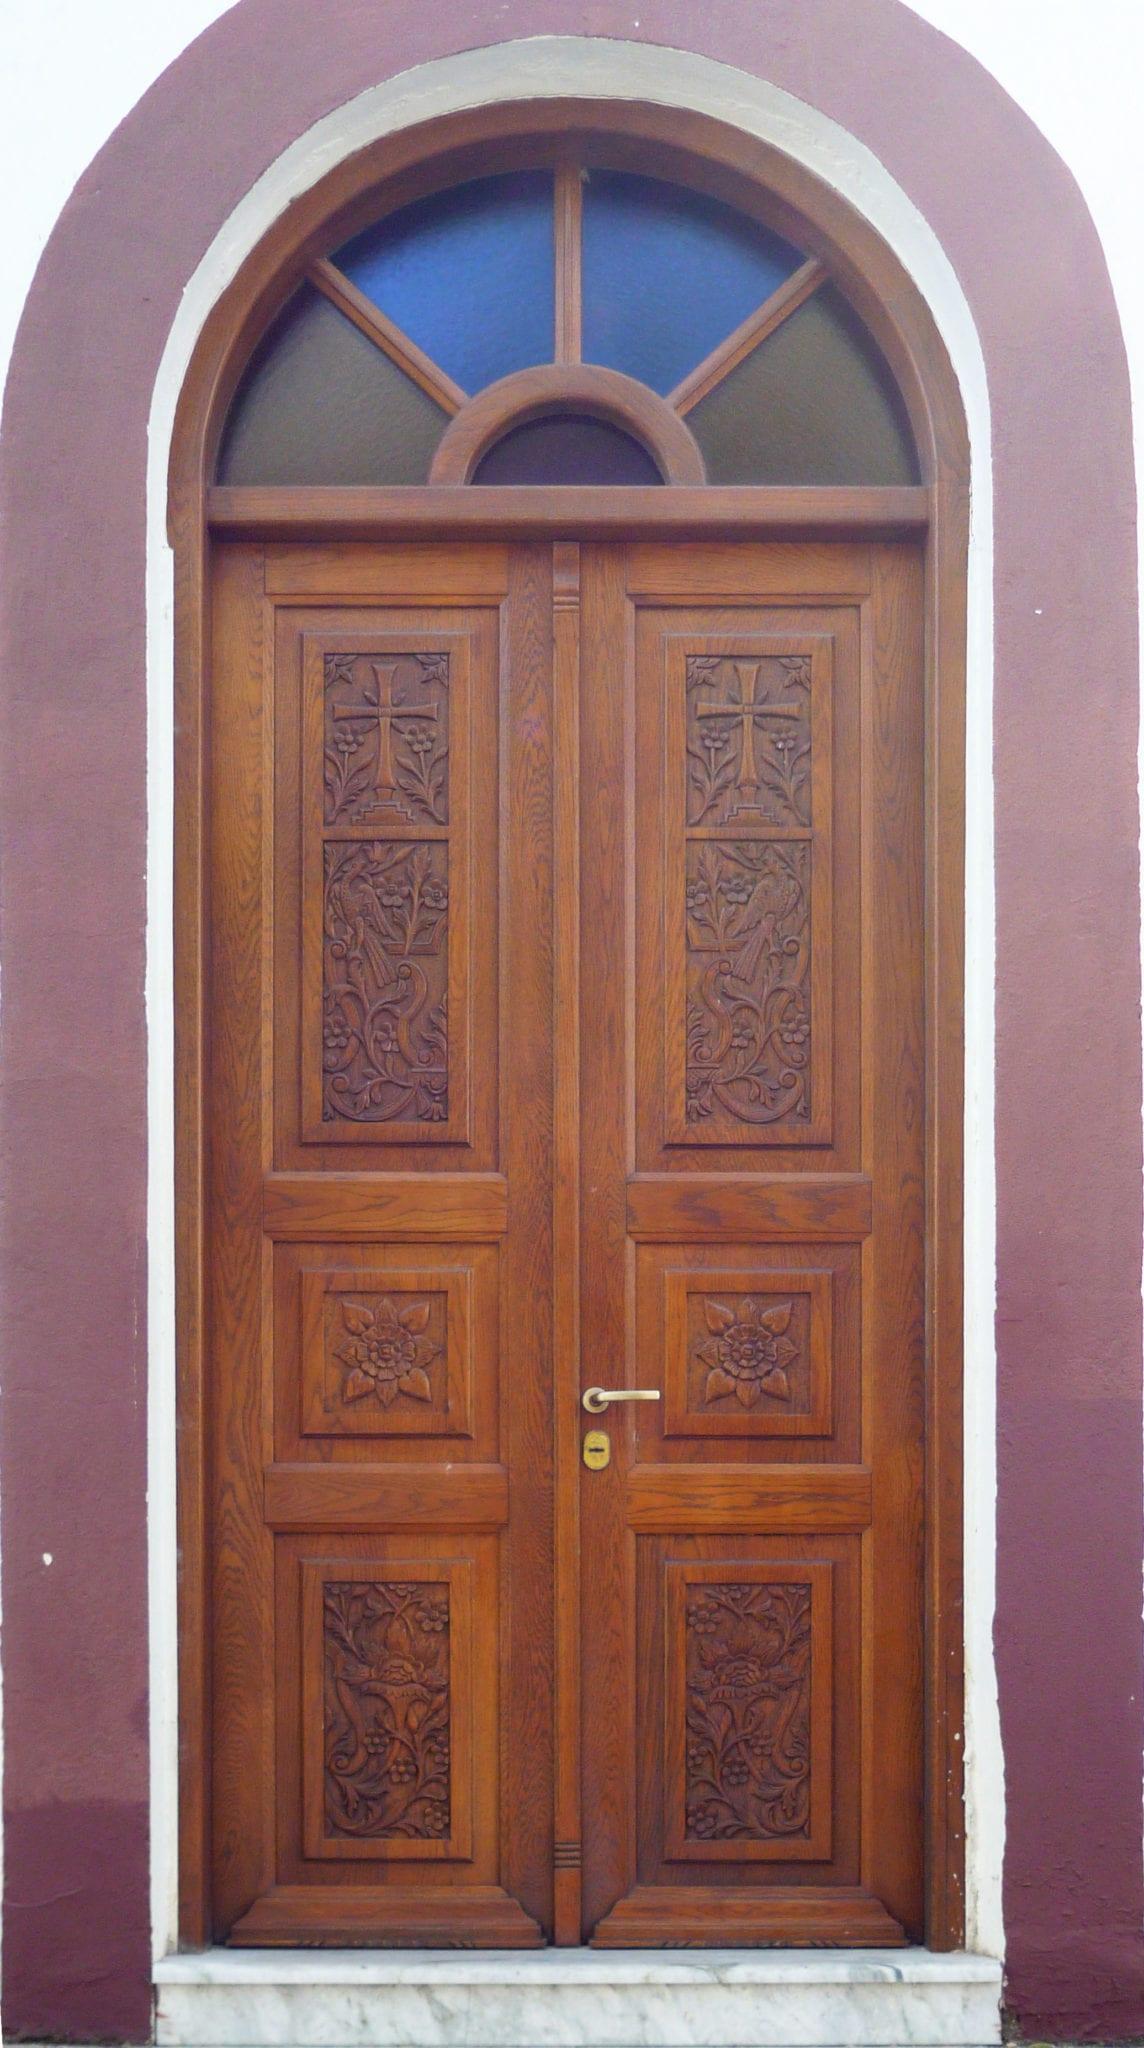 πόρτα εισόδου ασφαλείας με φεγγίτη